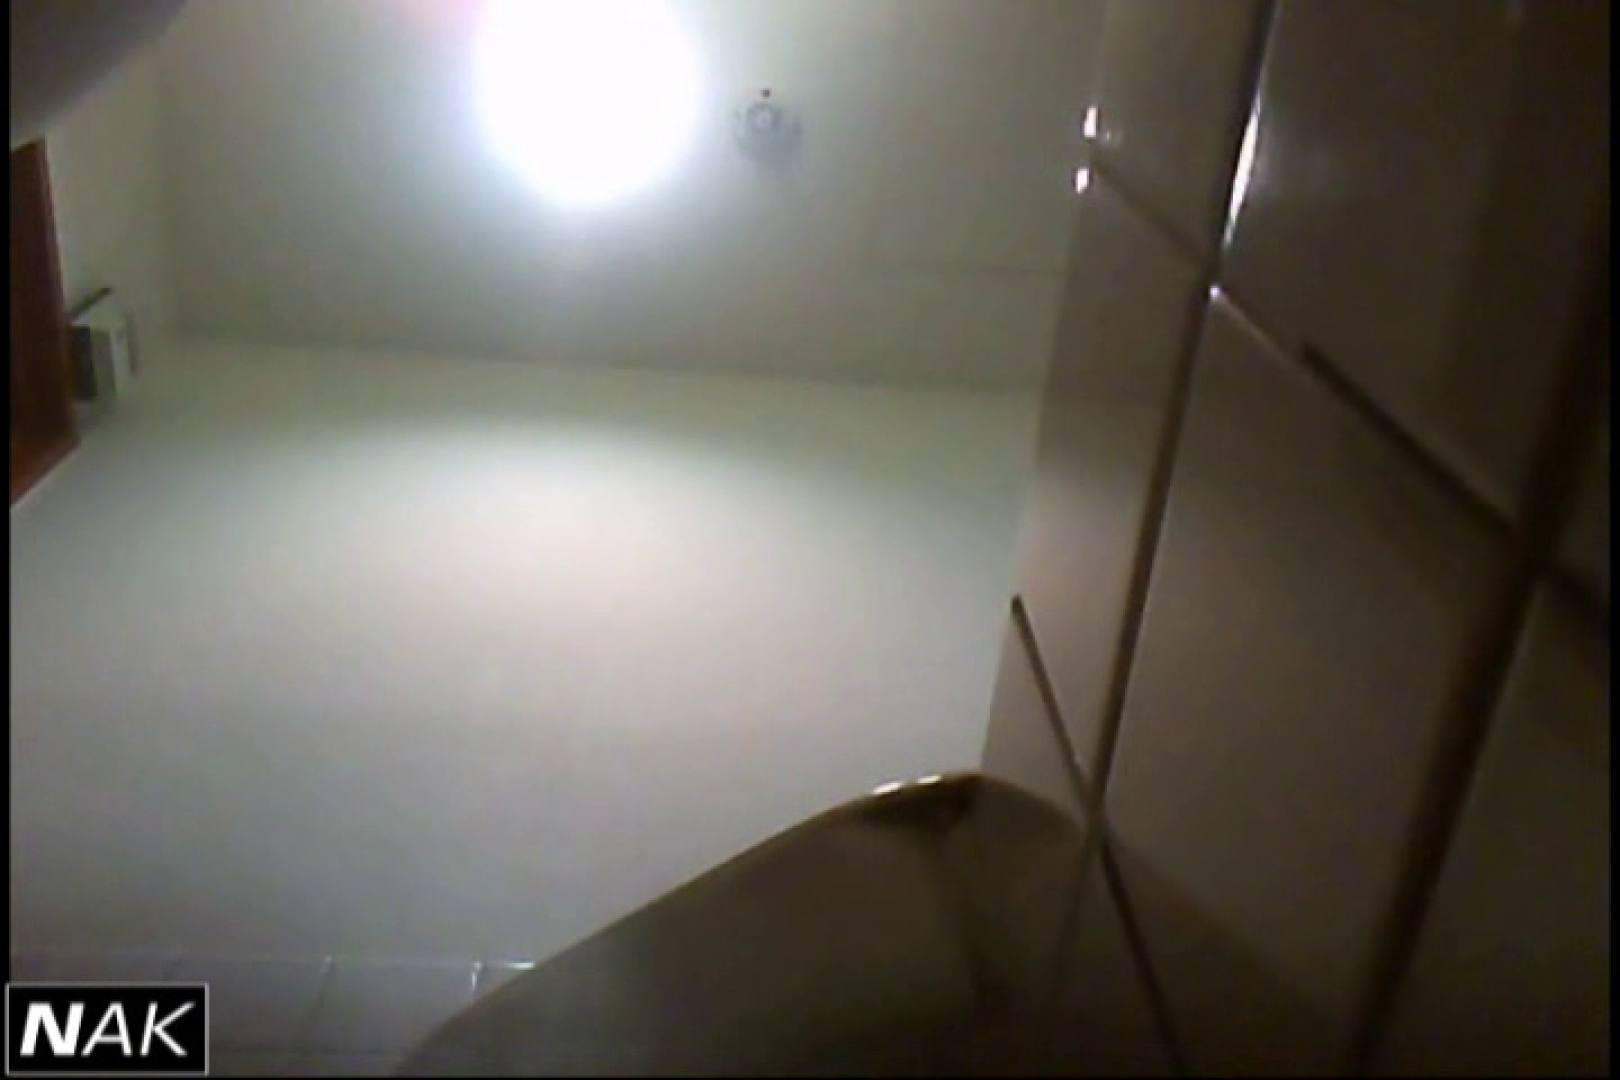 亀さんかわや VIP和式2カメバージョン! vol.13 黄金水 オマンコ無修正動画無料 93pic 88